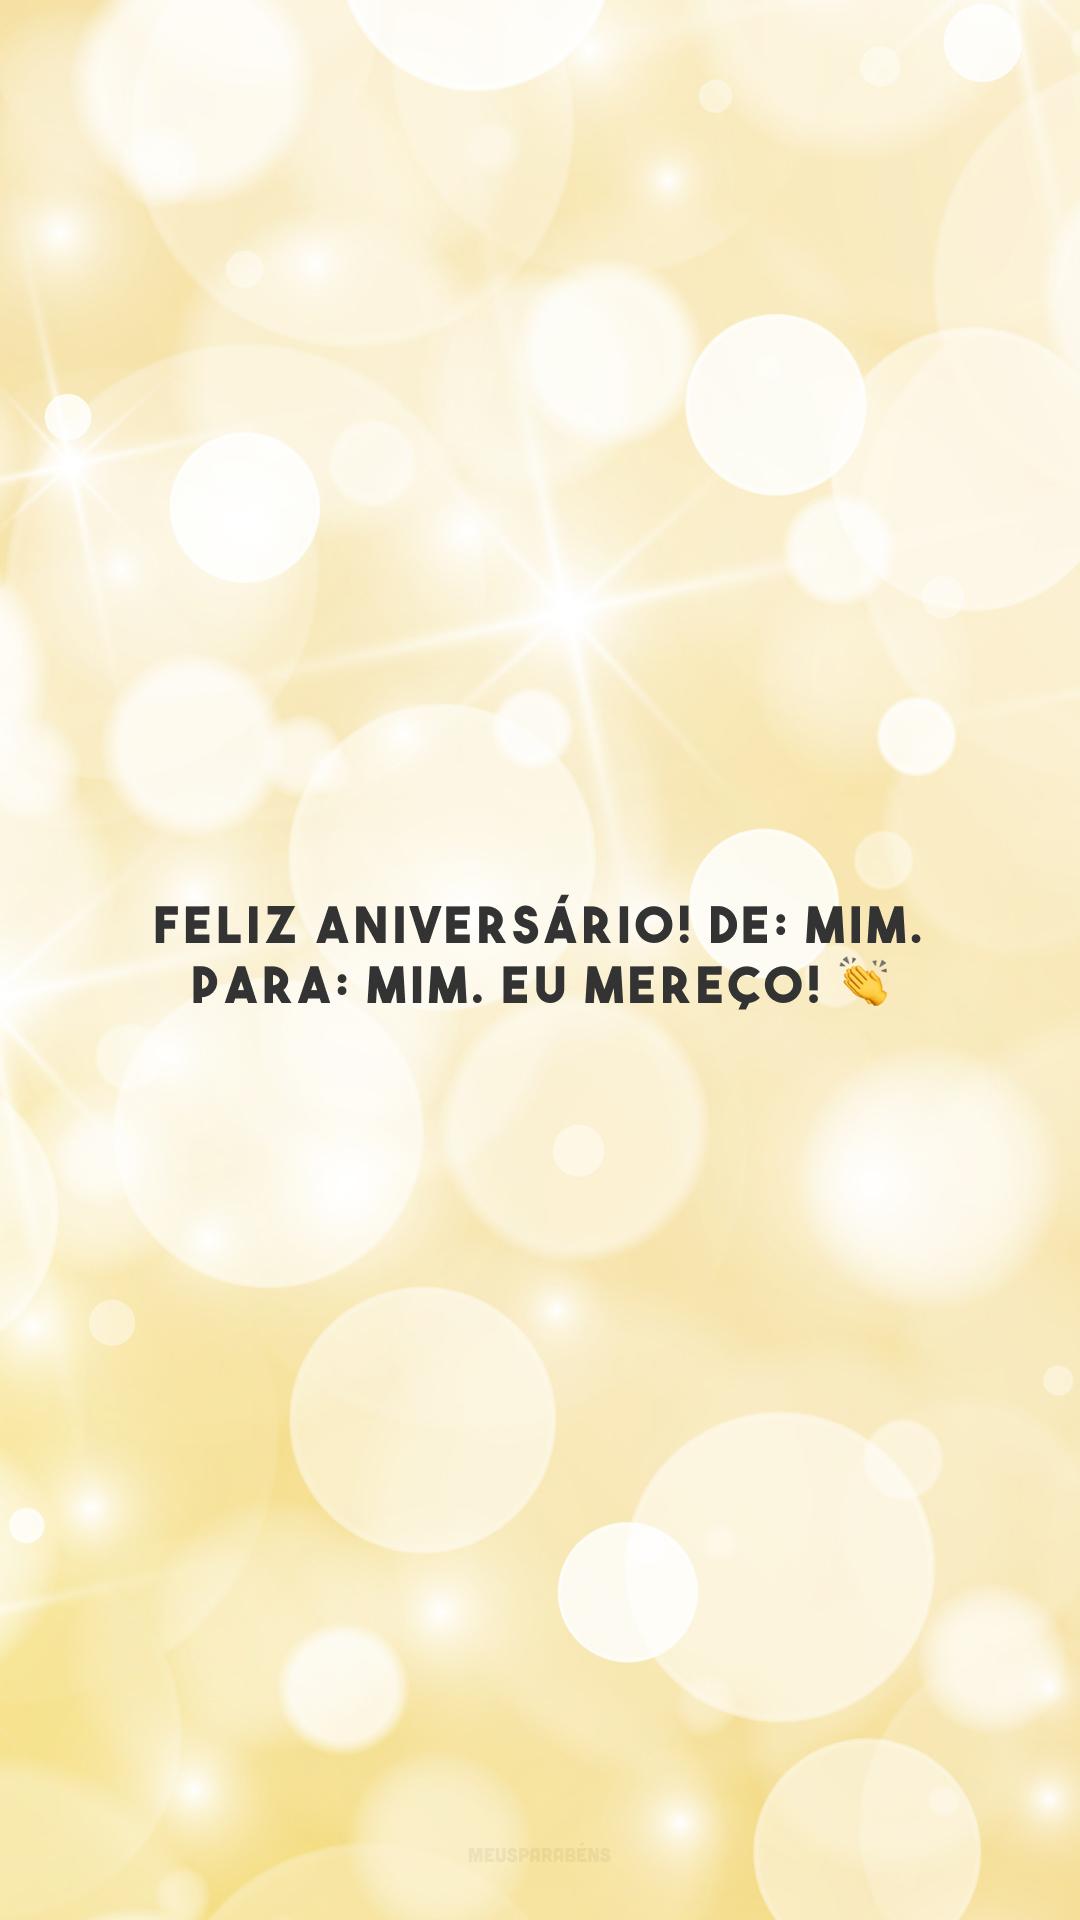 Feliz aniversário! De: mim. Para: mim. Eu mereço! 👏